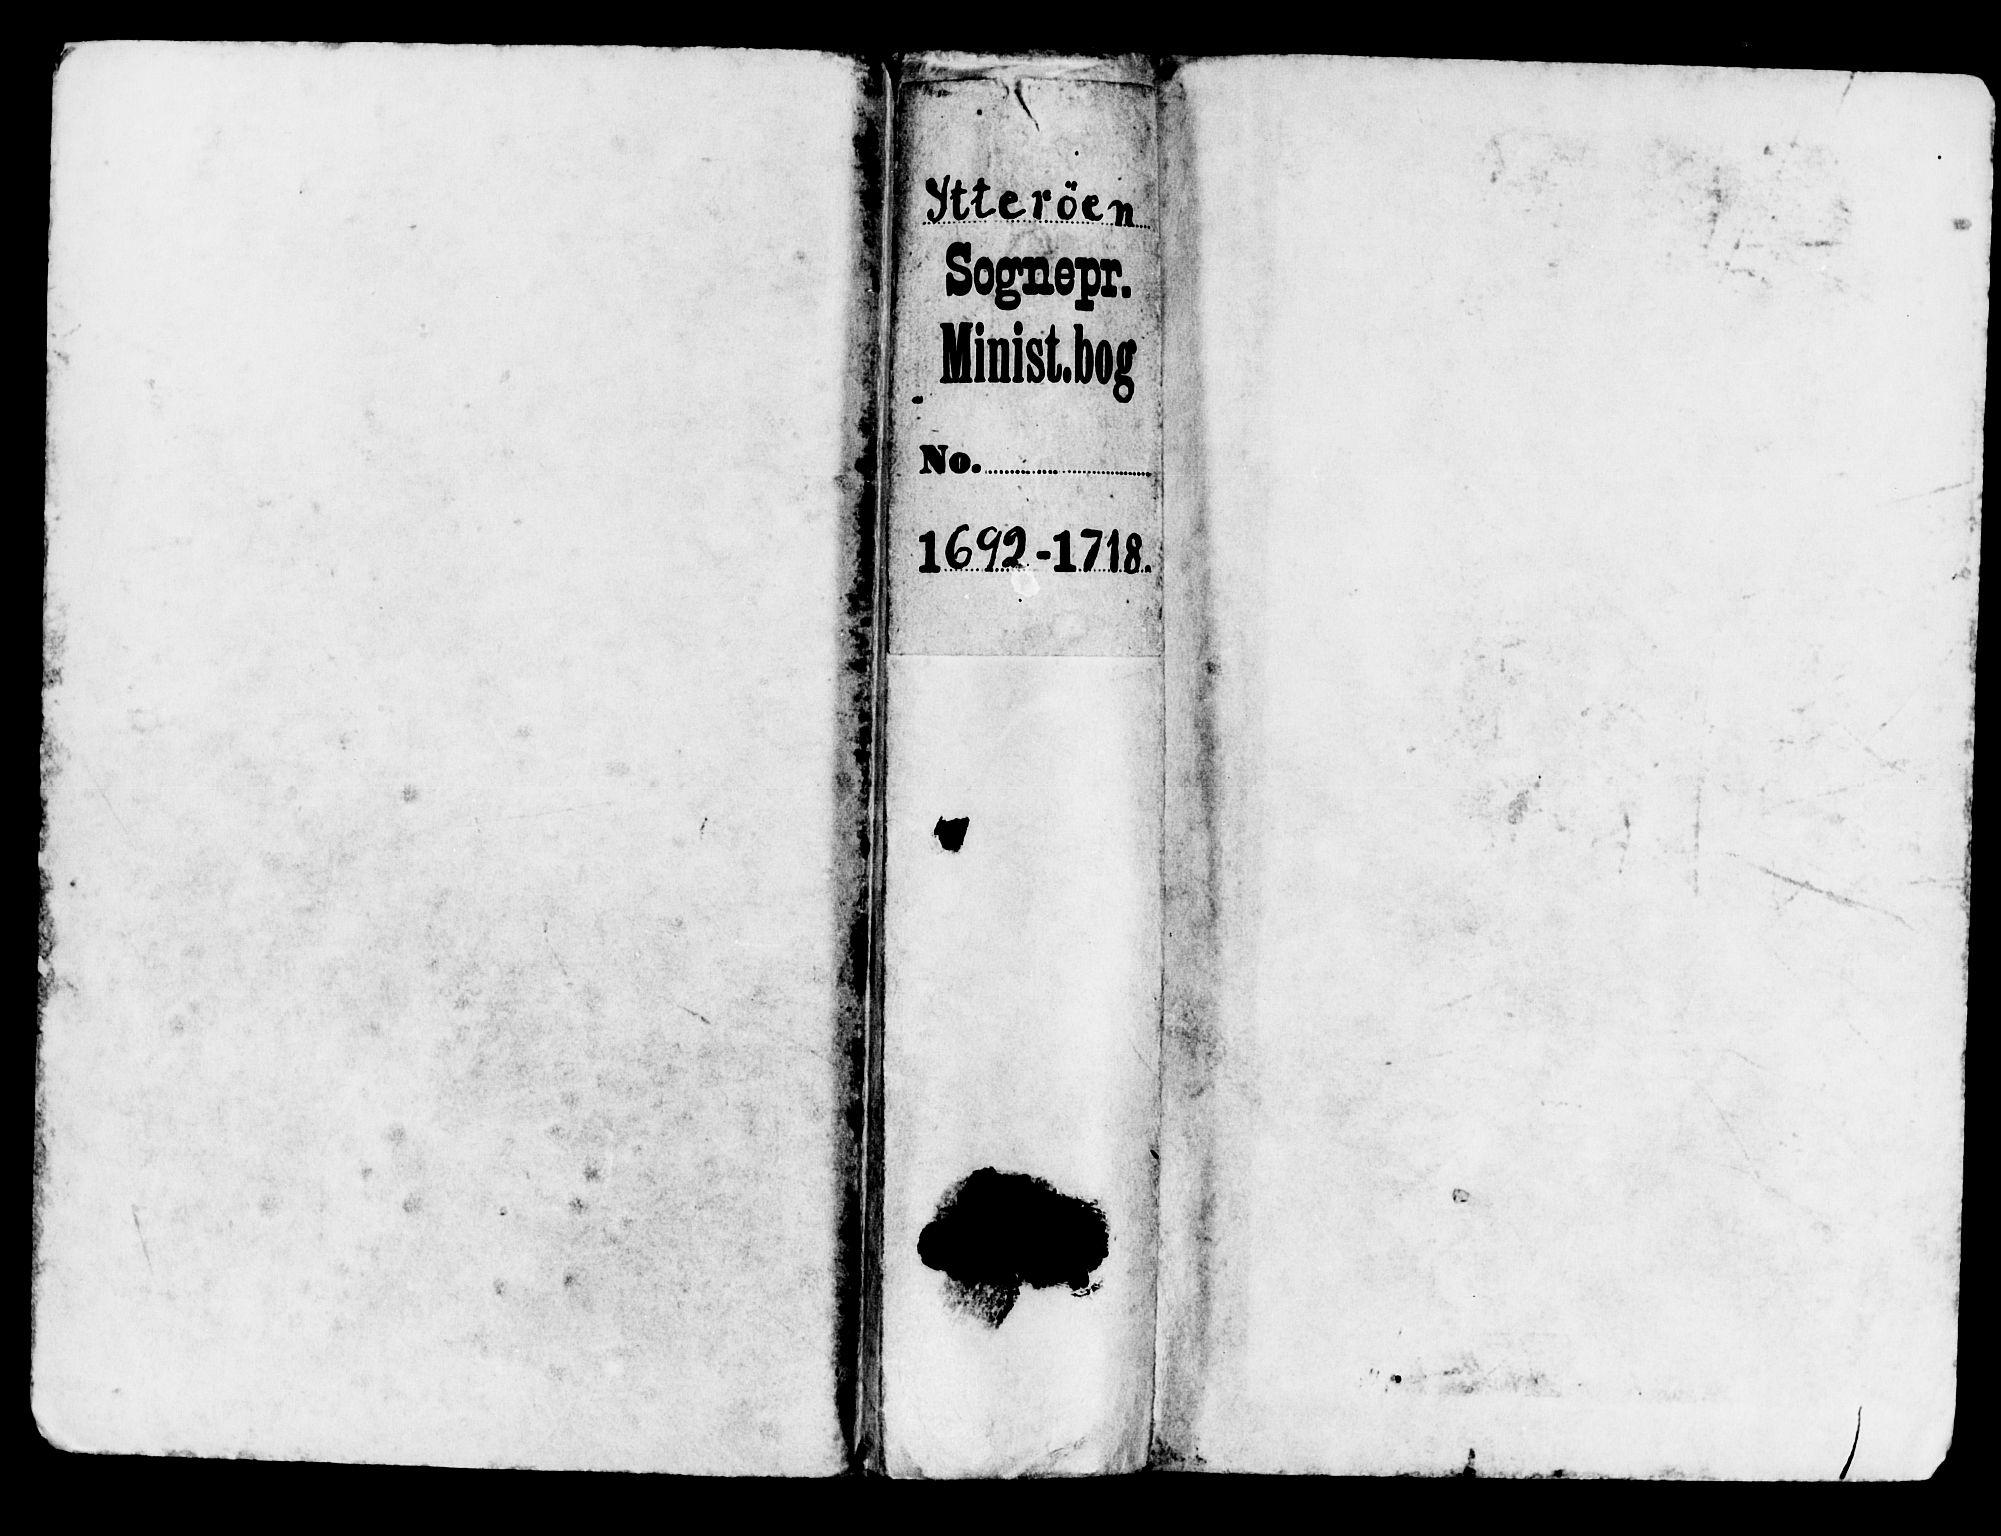 SAT, Ministerialprotokoller, klokkerbøker og fødselsregistre - Nord-Trøndelag, 722/L0214: Ministerialbok nr. 722A01, 1692-1718